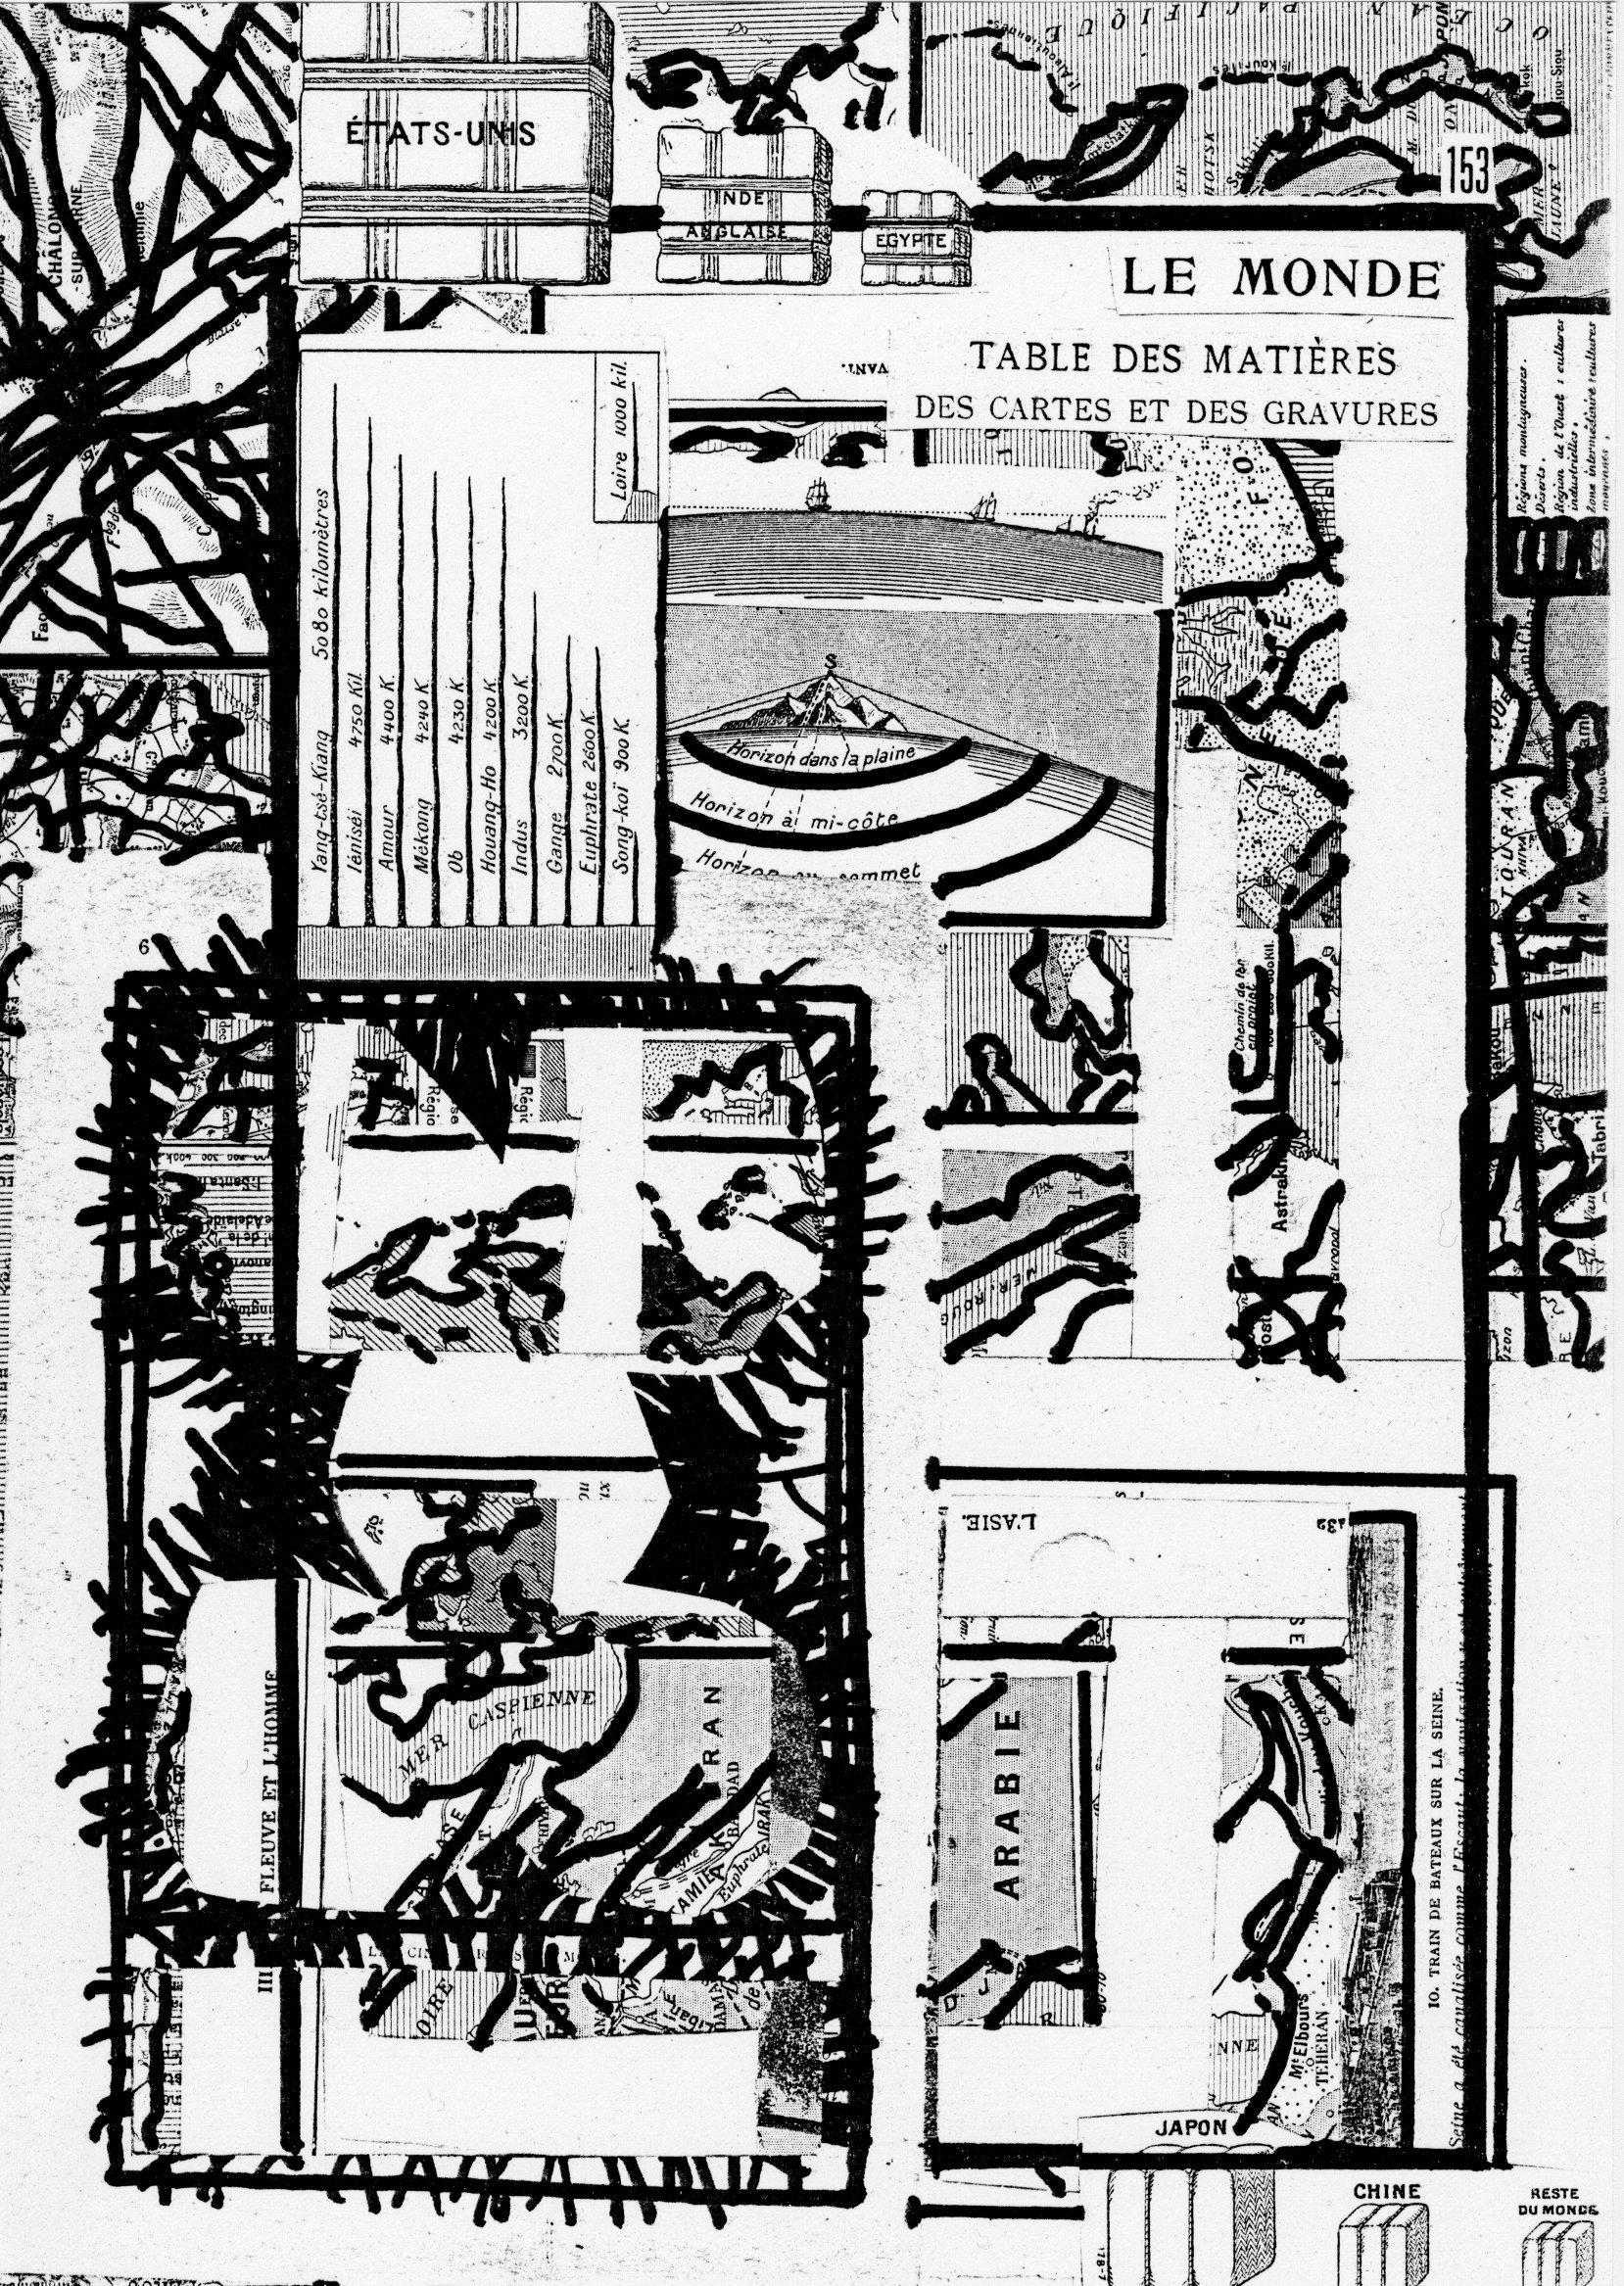 page 0153 ELEMENTS DE GEOGRAPHIE D. Som Wong LE MONDE